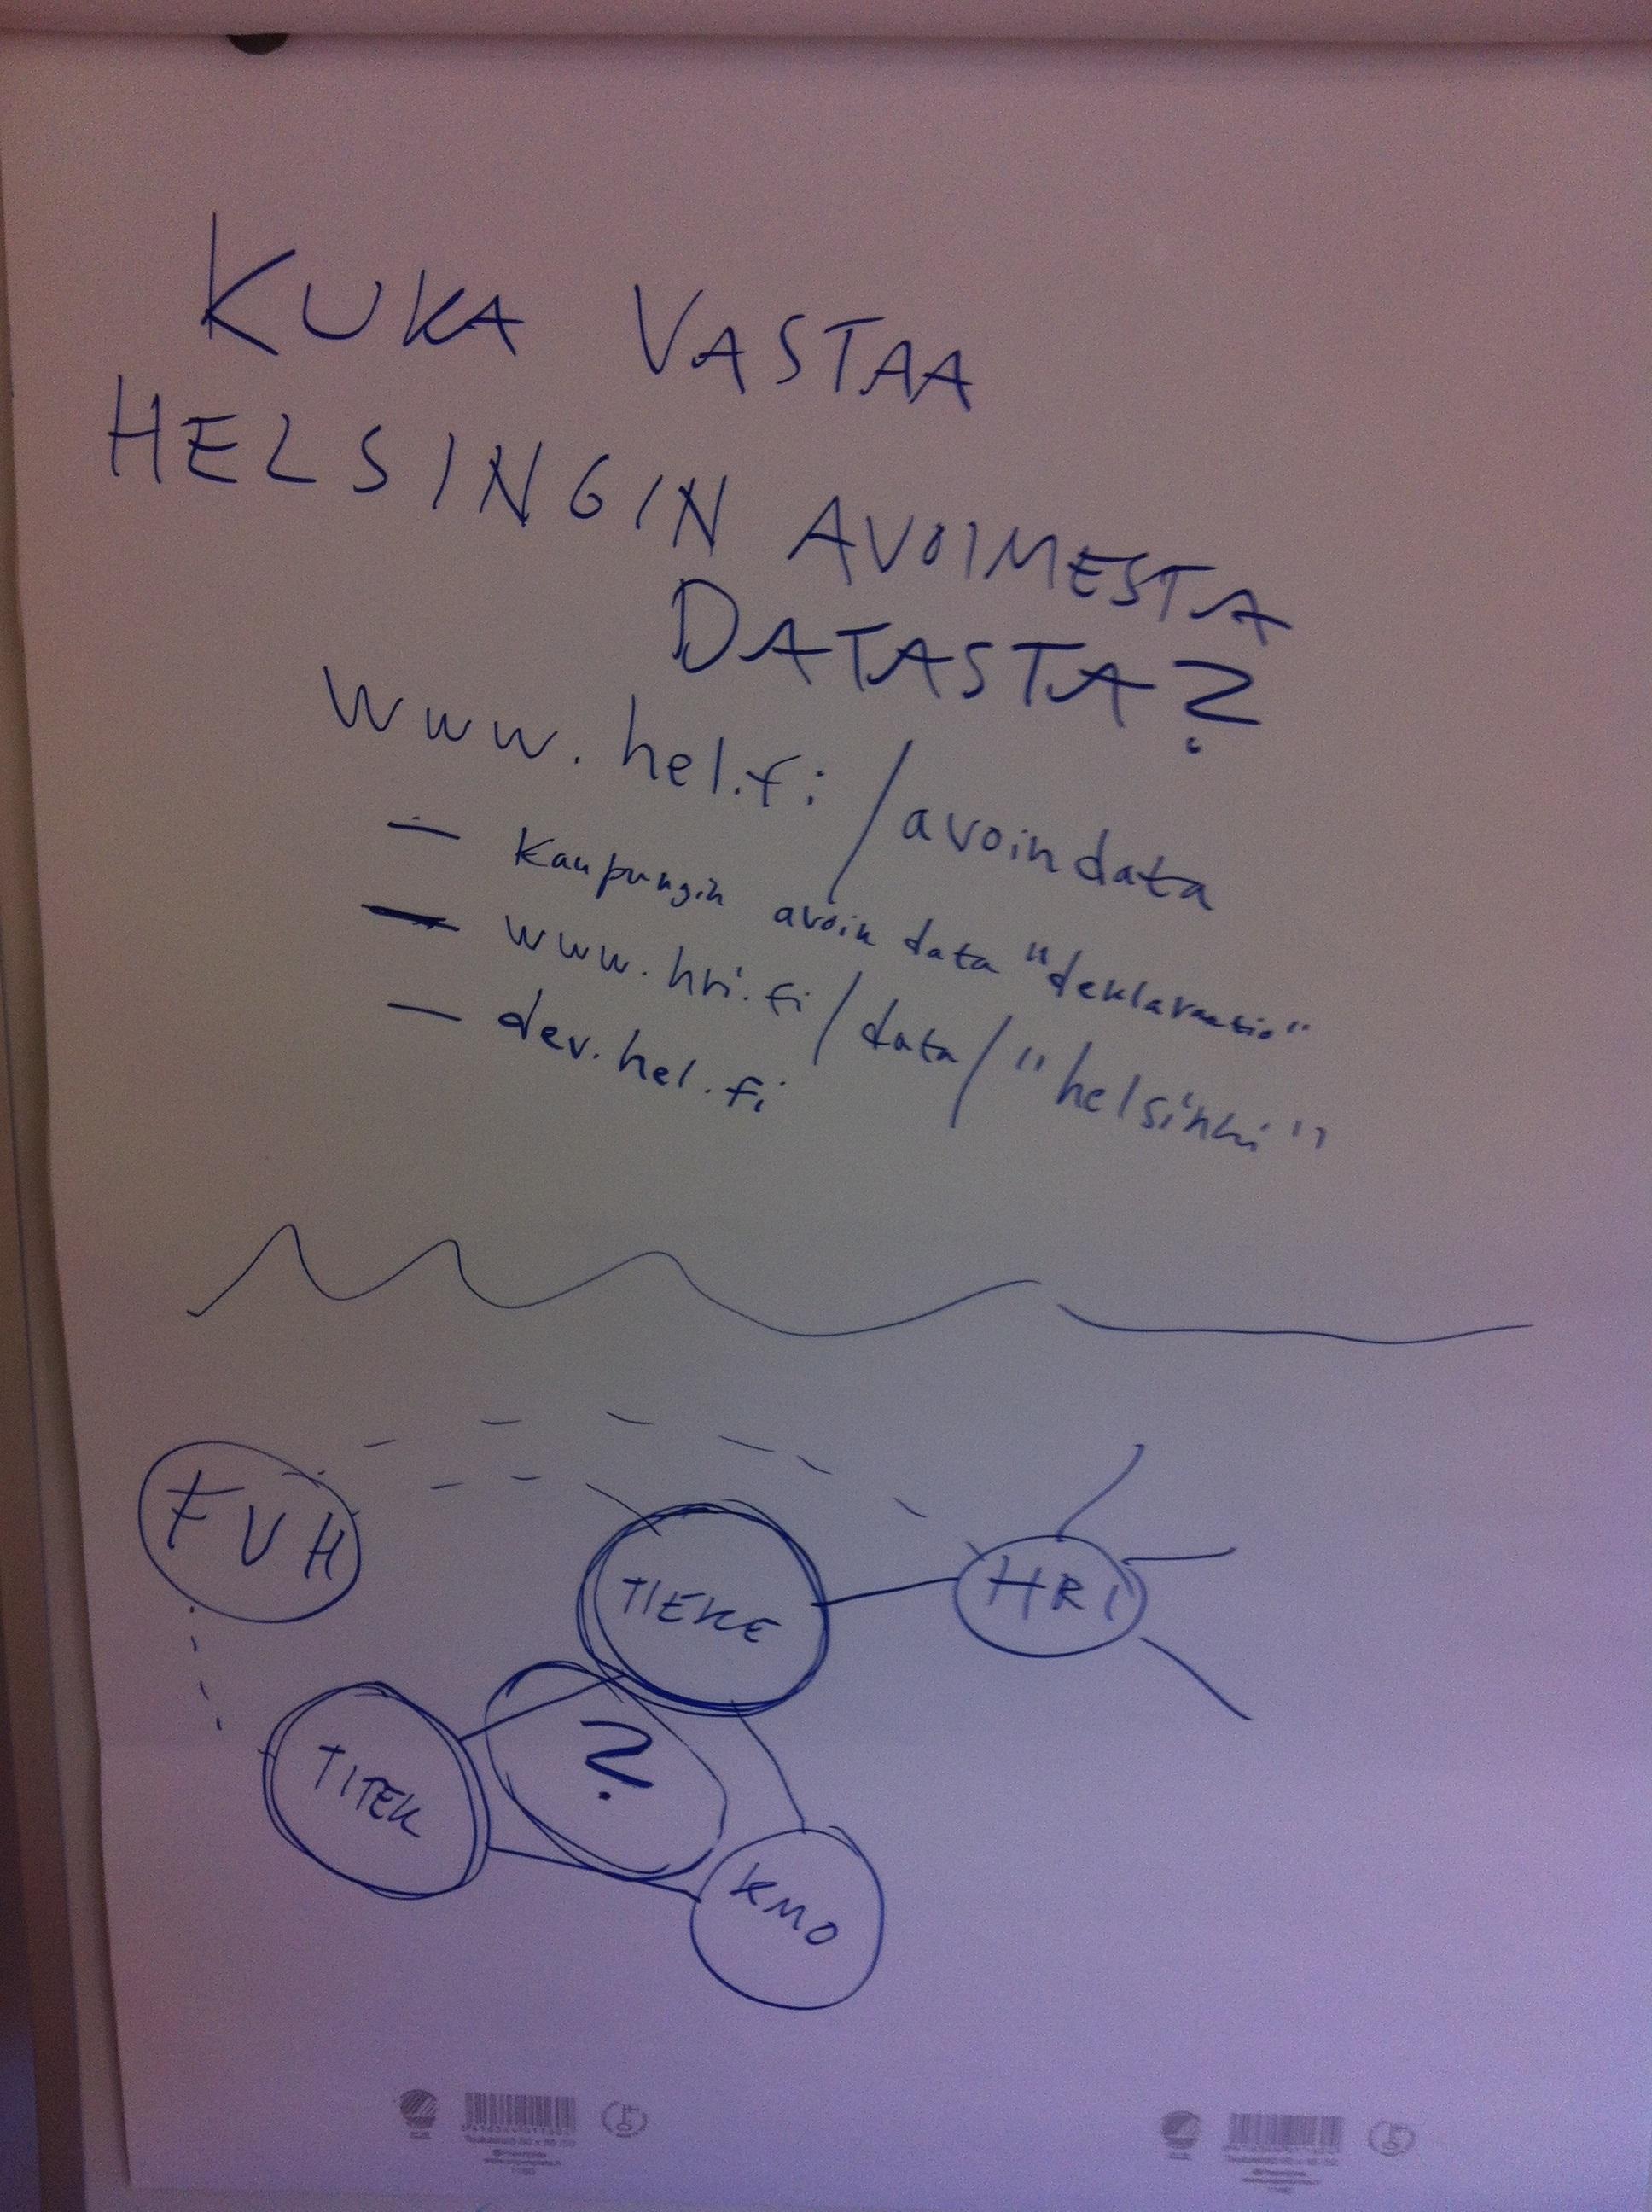 Muistiinpanoja kevään 2013 suunnitelmista - kuka vastaa Helsingin avoimesta datasta.